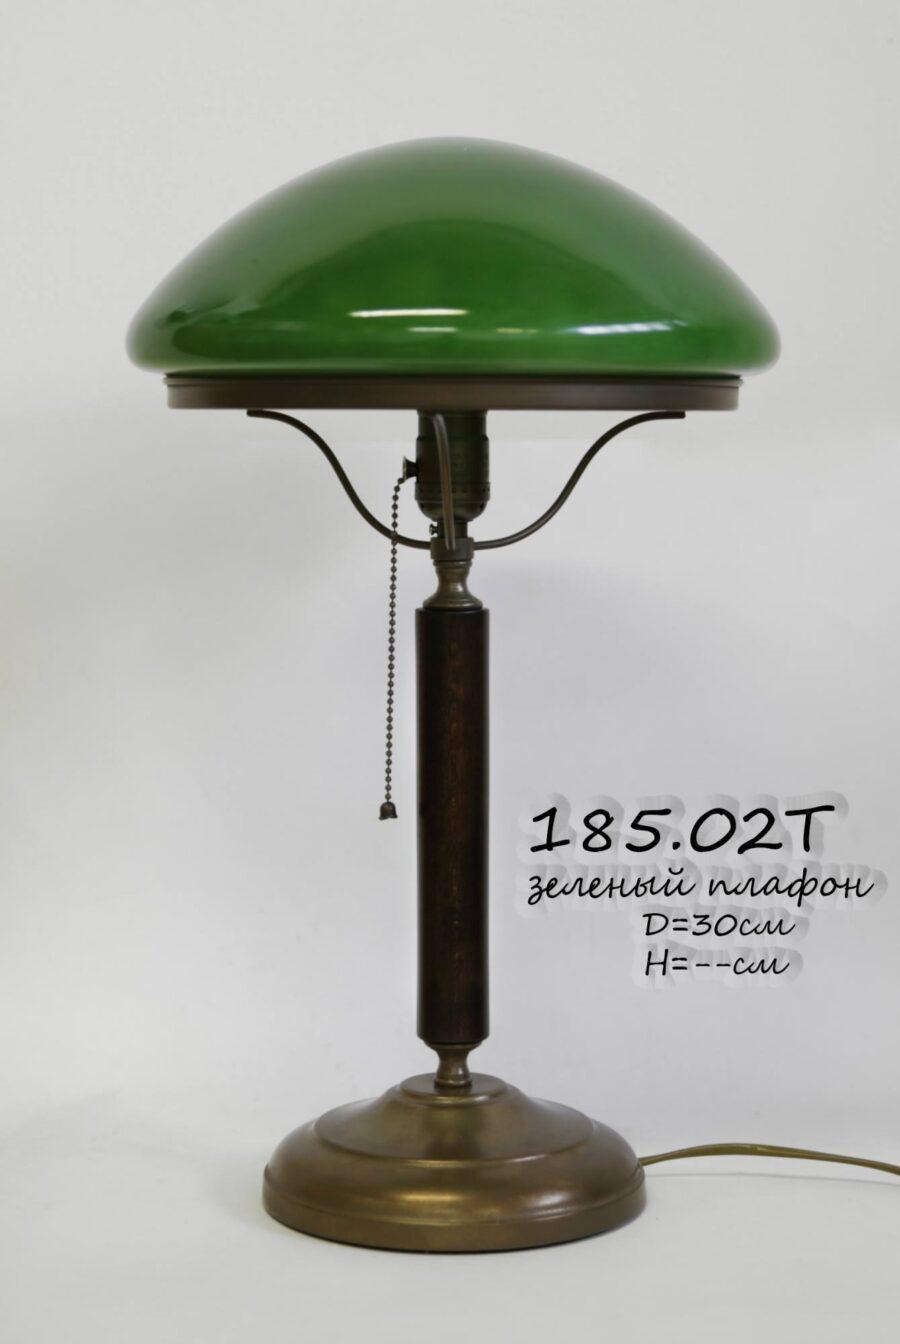 Настольная лампа с зеленым плафоном 185.02Т